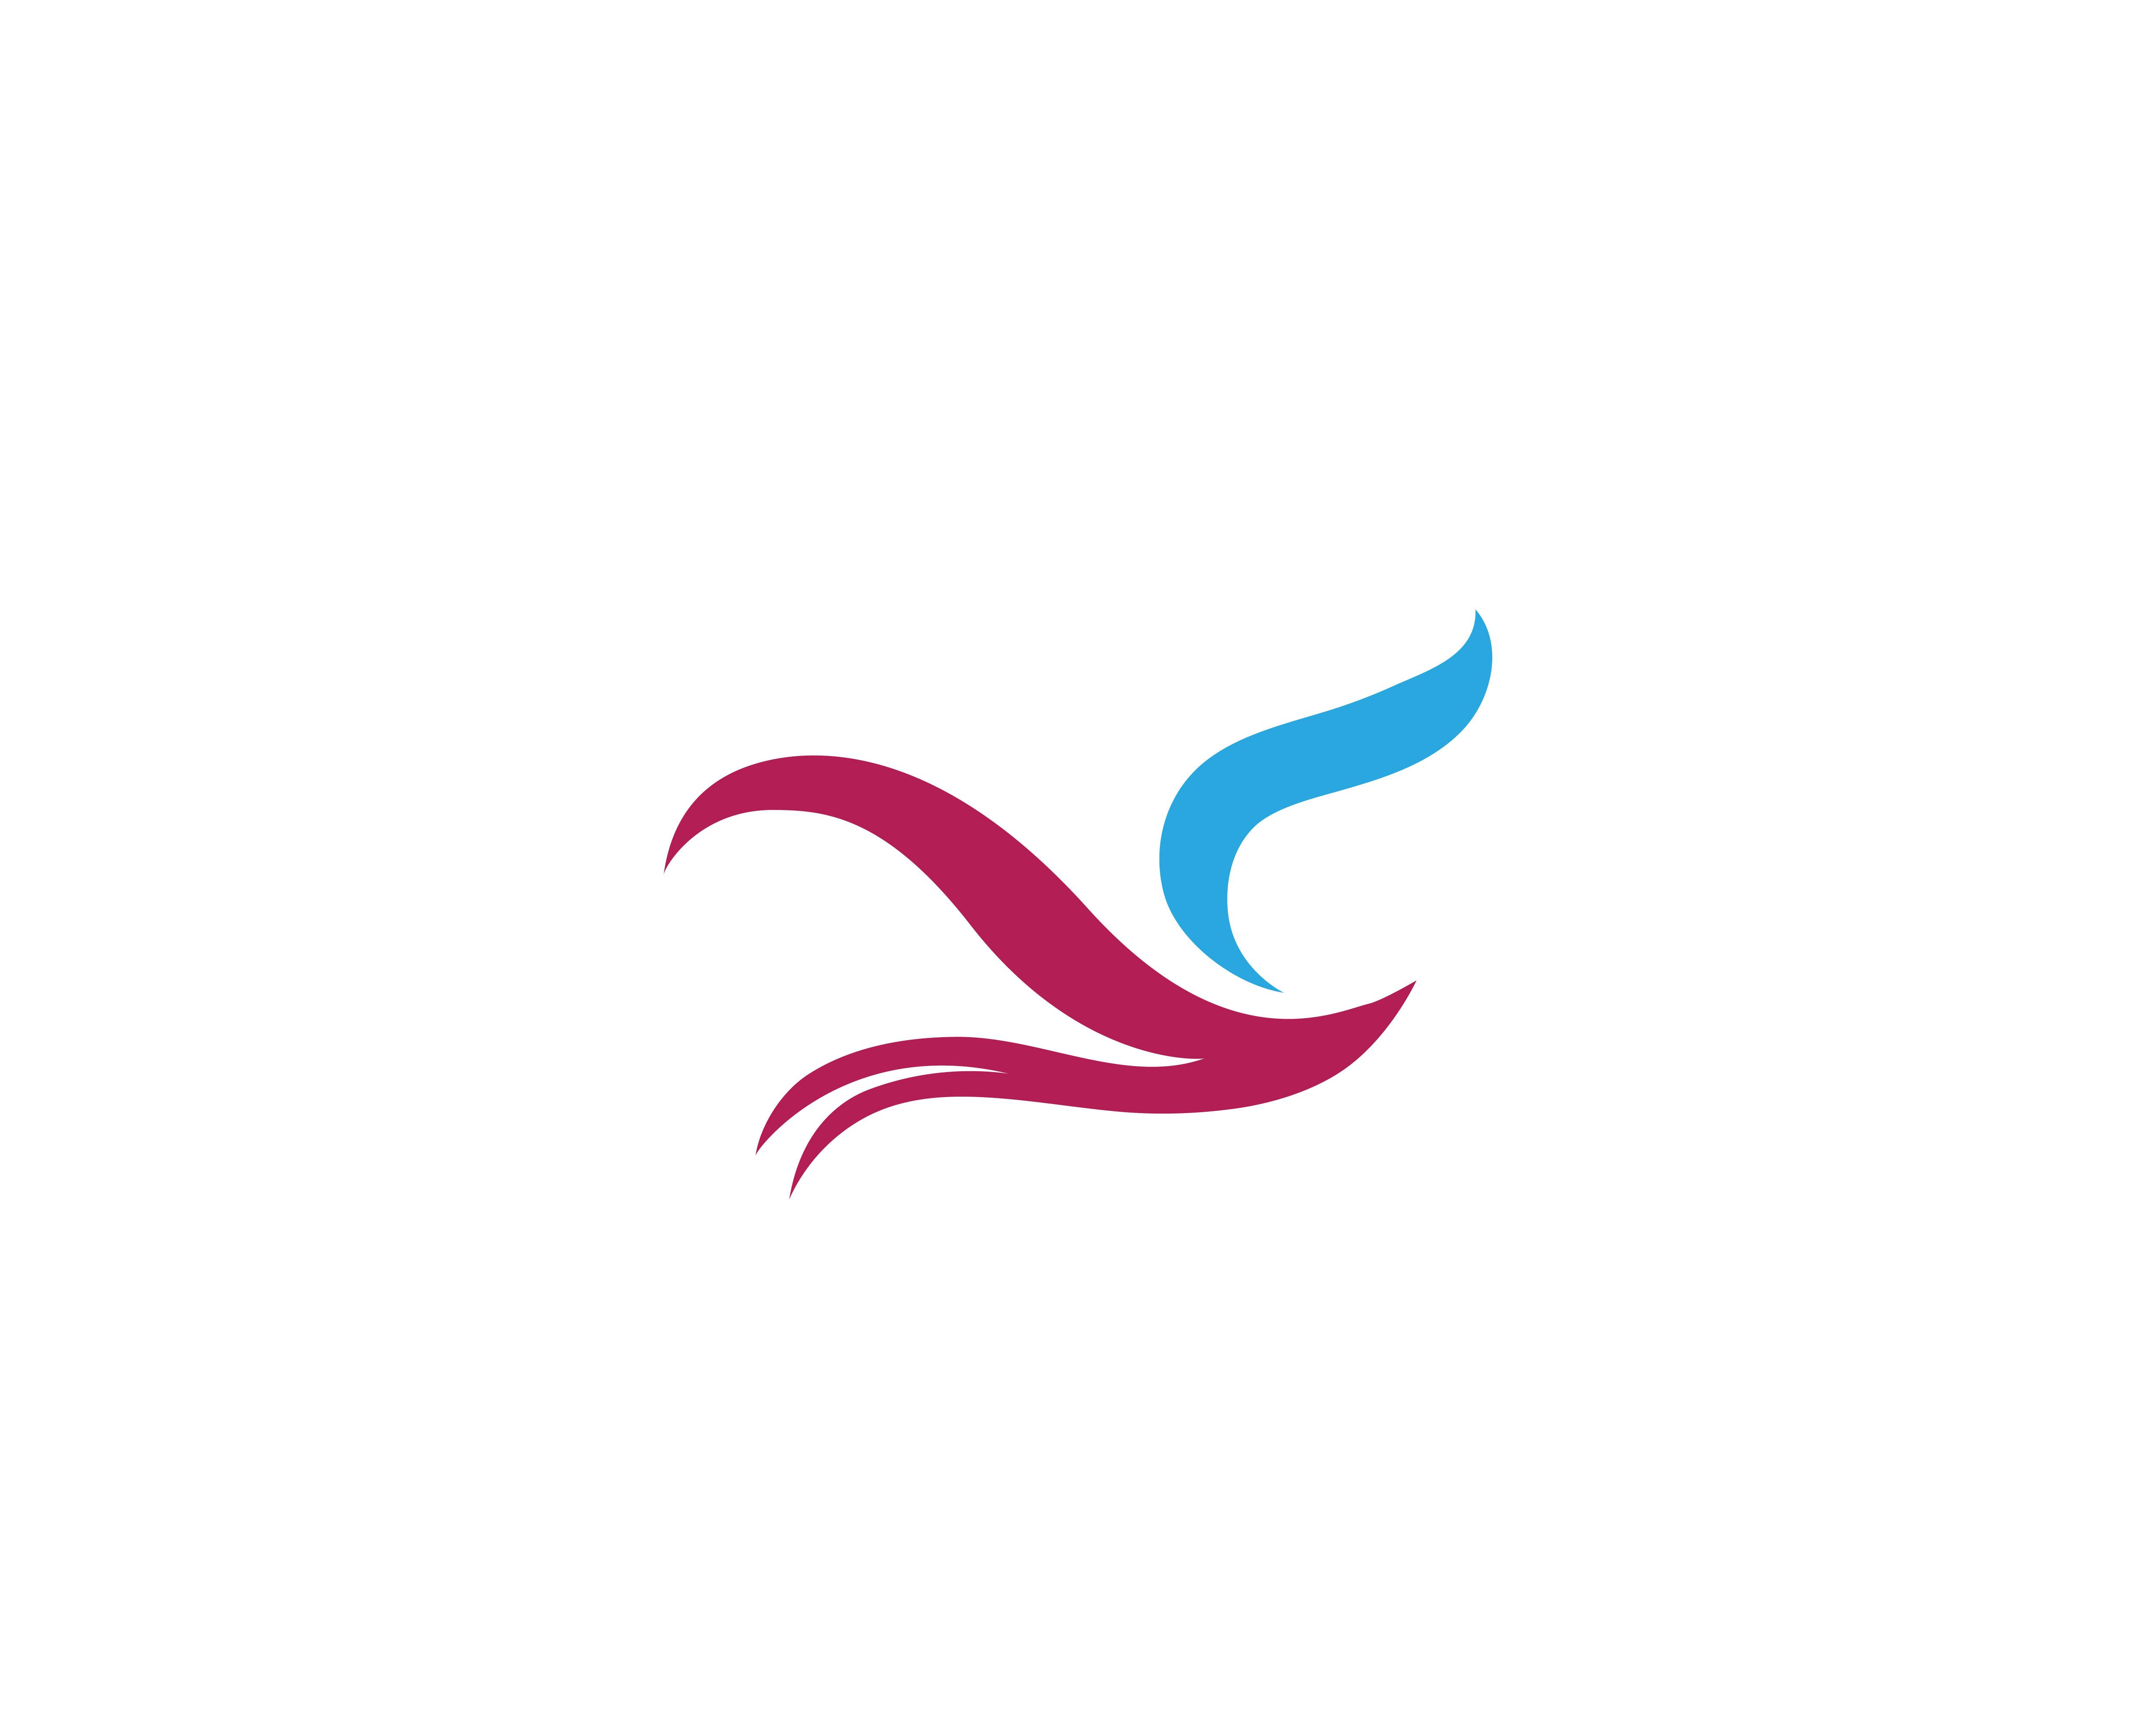 鳥 logo 免費下載   天天瘋後製